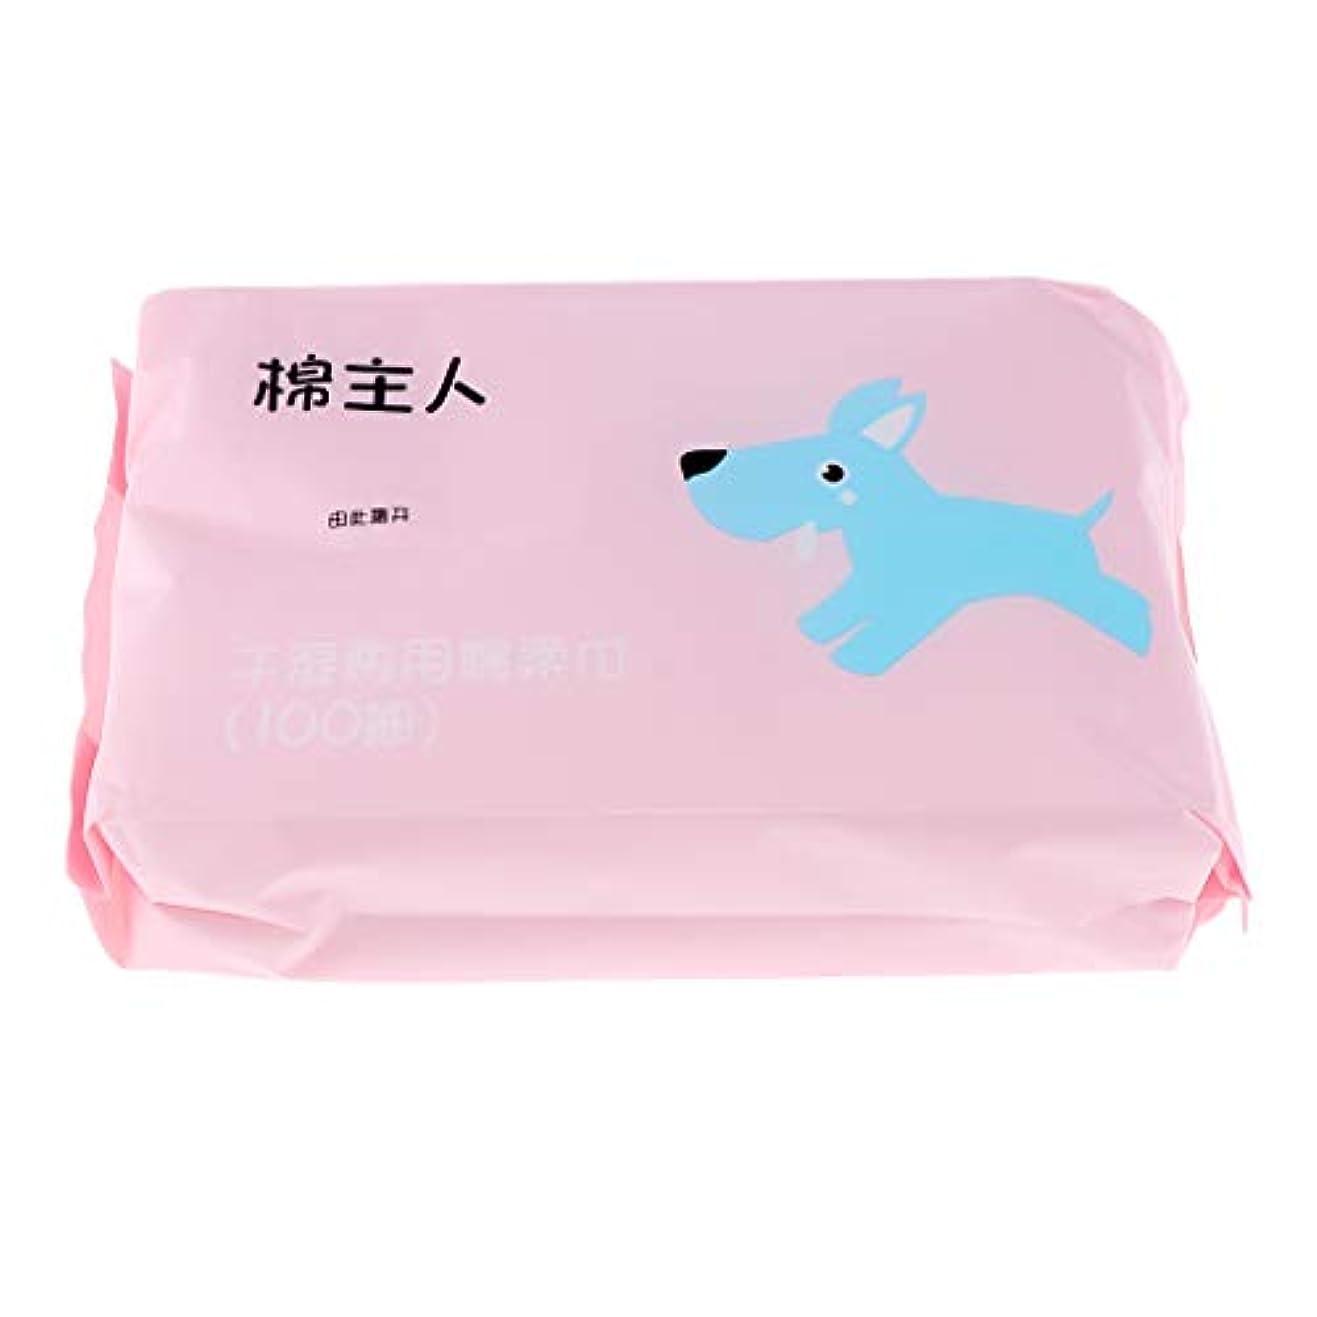 スチュアート島可動名誉ある約100枚 使い捨て クレンジングシート ソフト 便利 スキンケア 2色選べ - ピンク